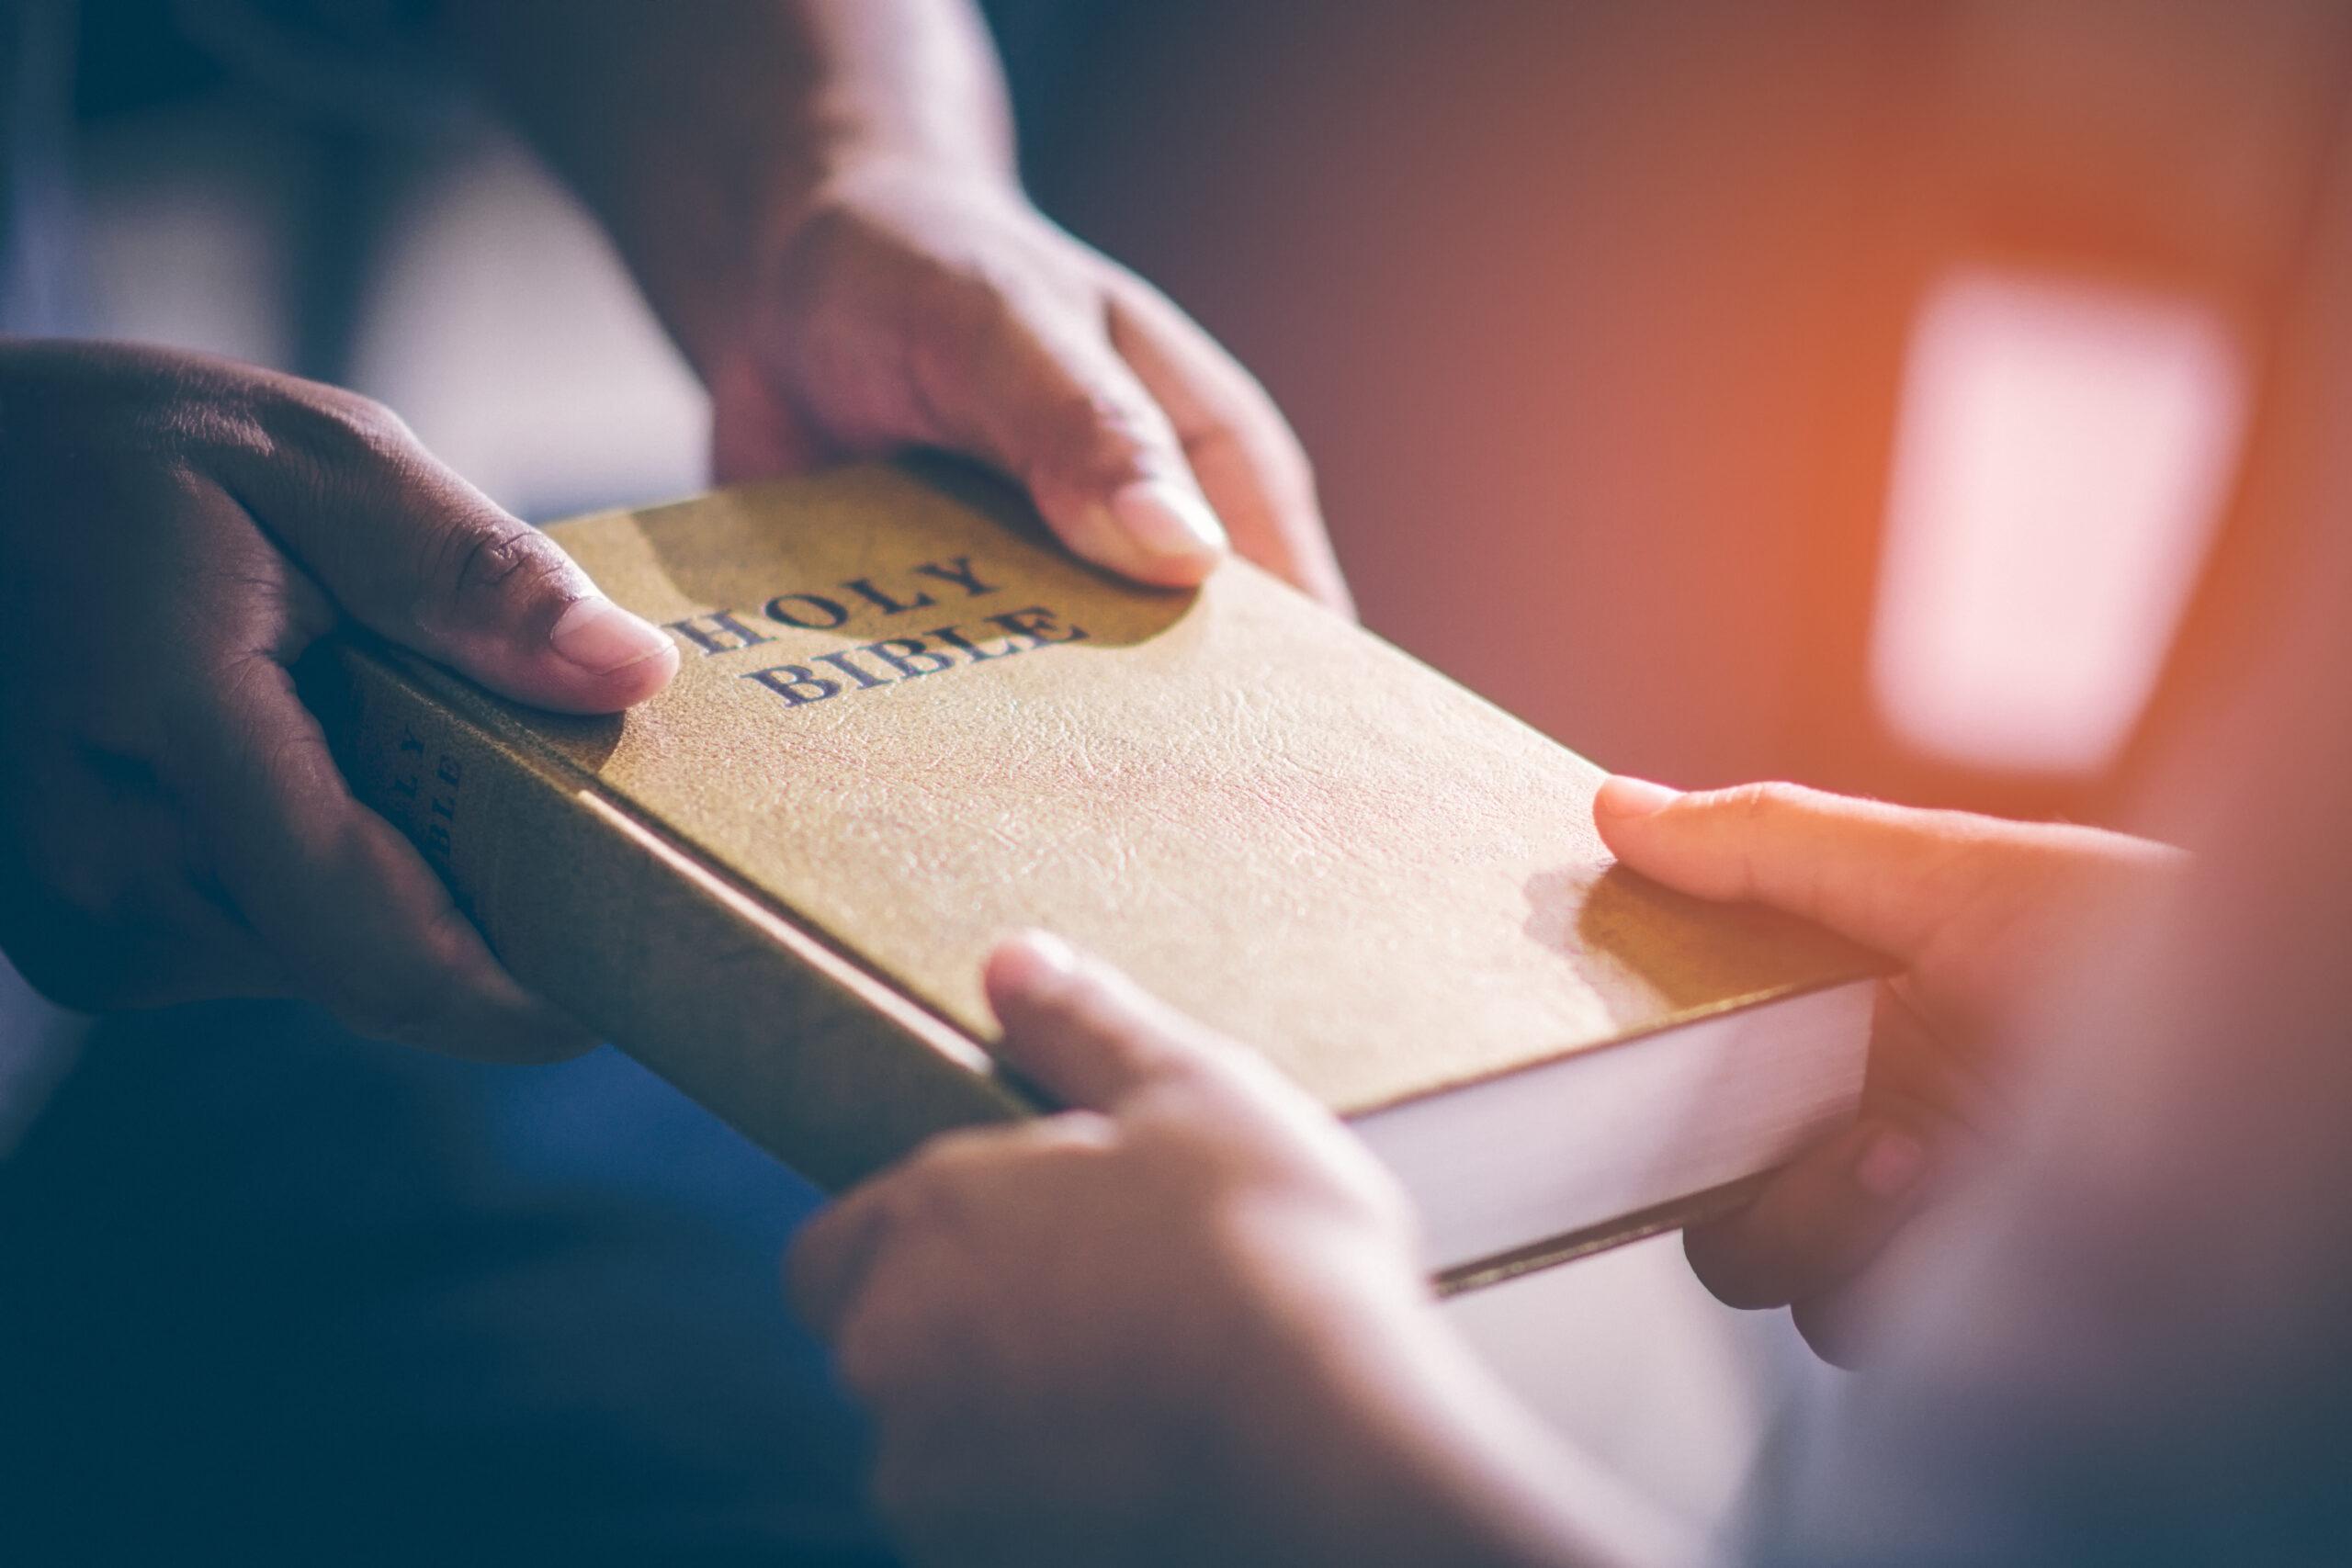 La mentalidad que nos impide compartir el evangelio